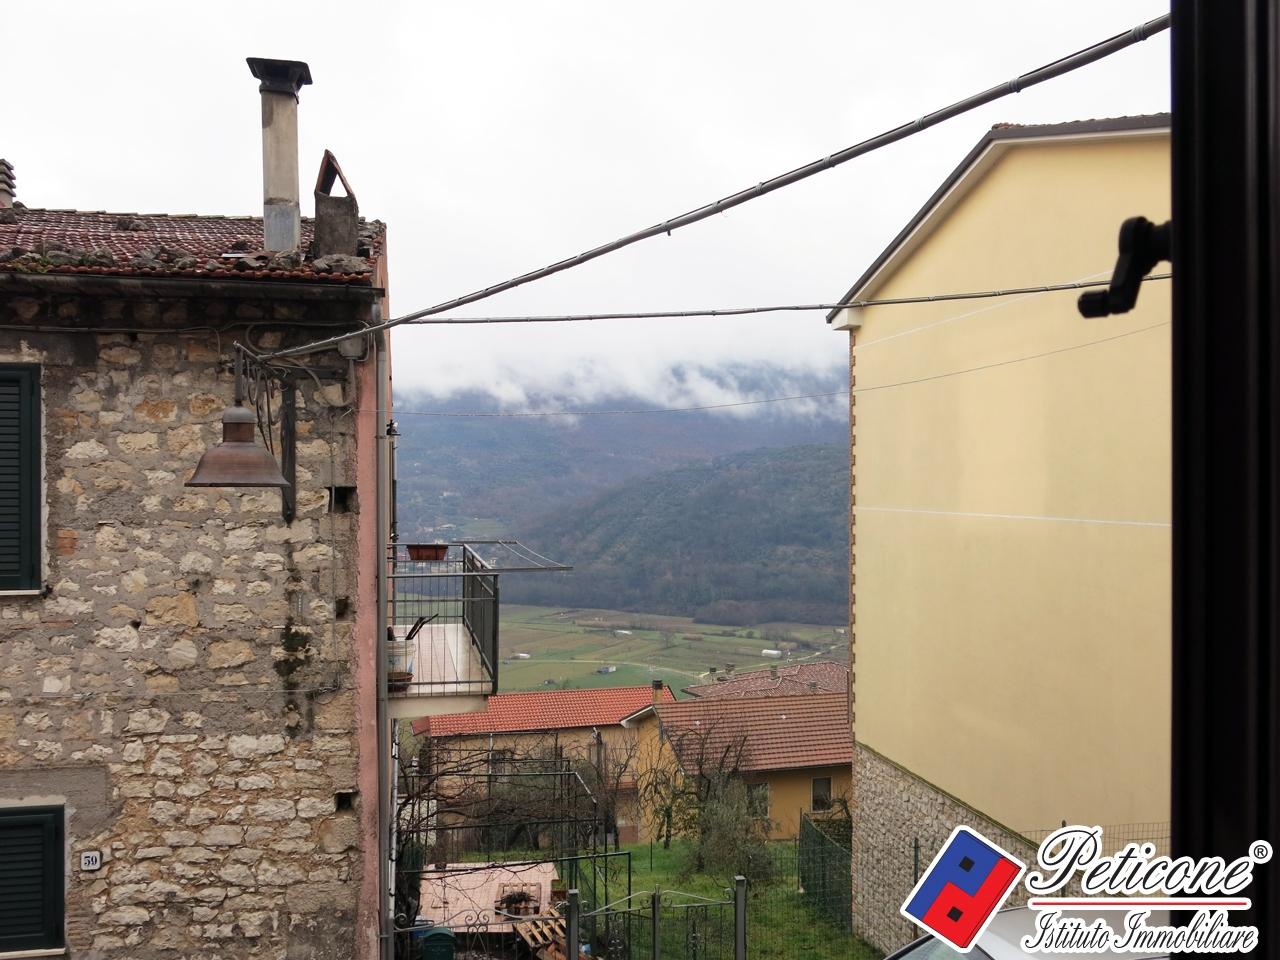 Appartamento in vendita a Lenola, 3 locali, zona Località: Centro, prezzo € 50.000 | PortaleAgenzieImmobiliari.it